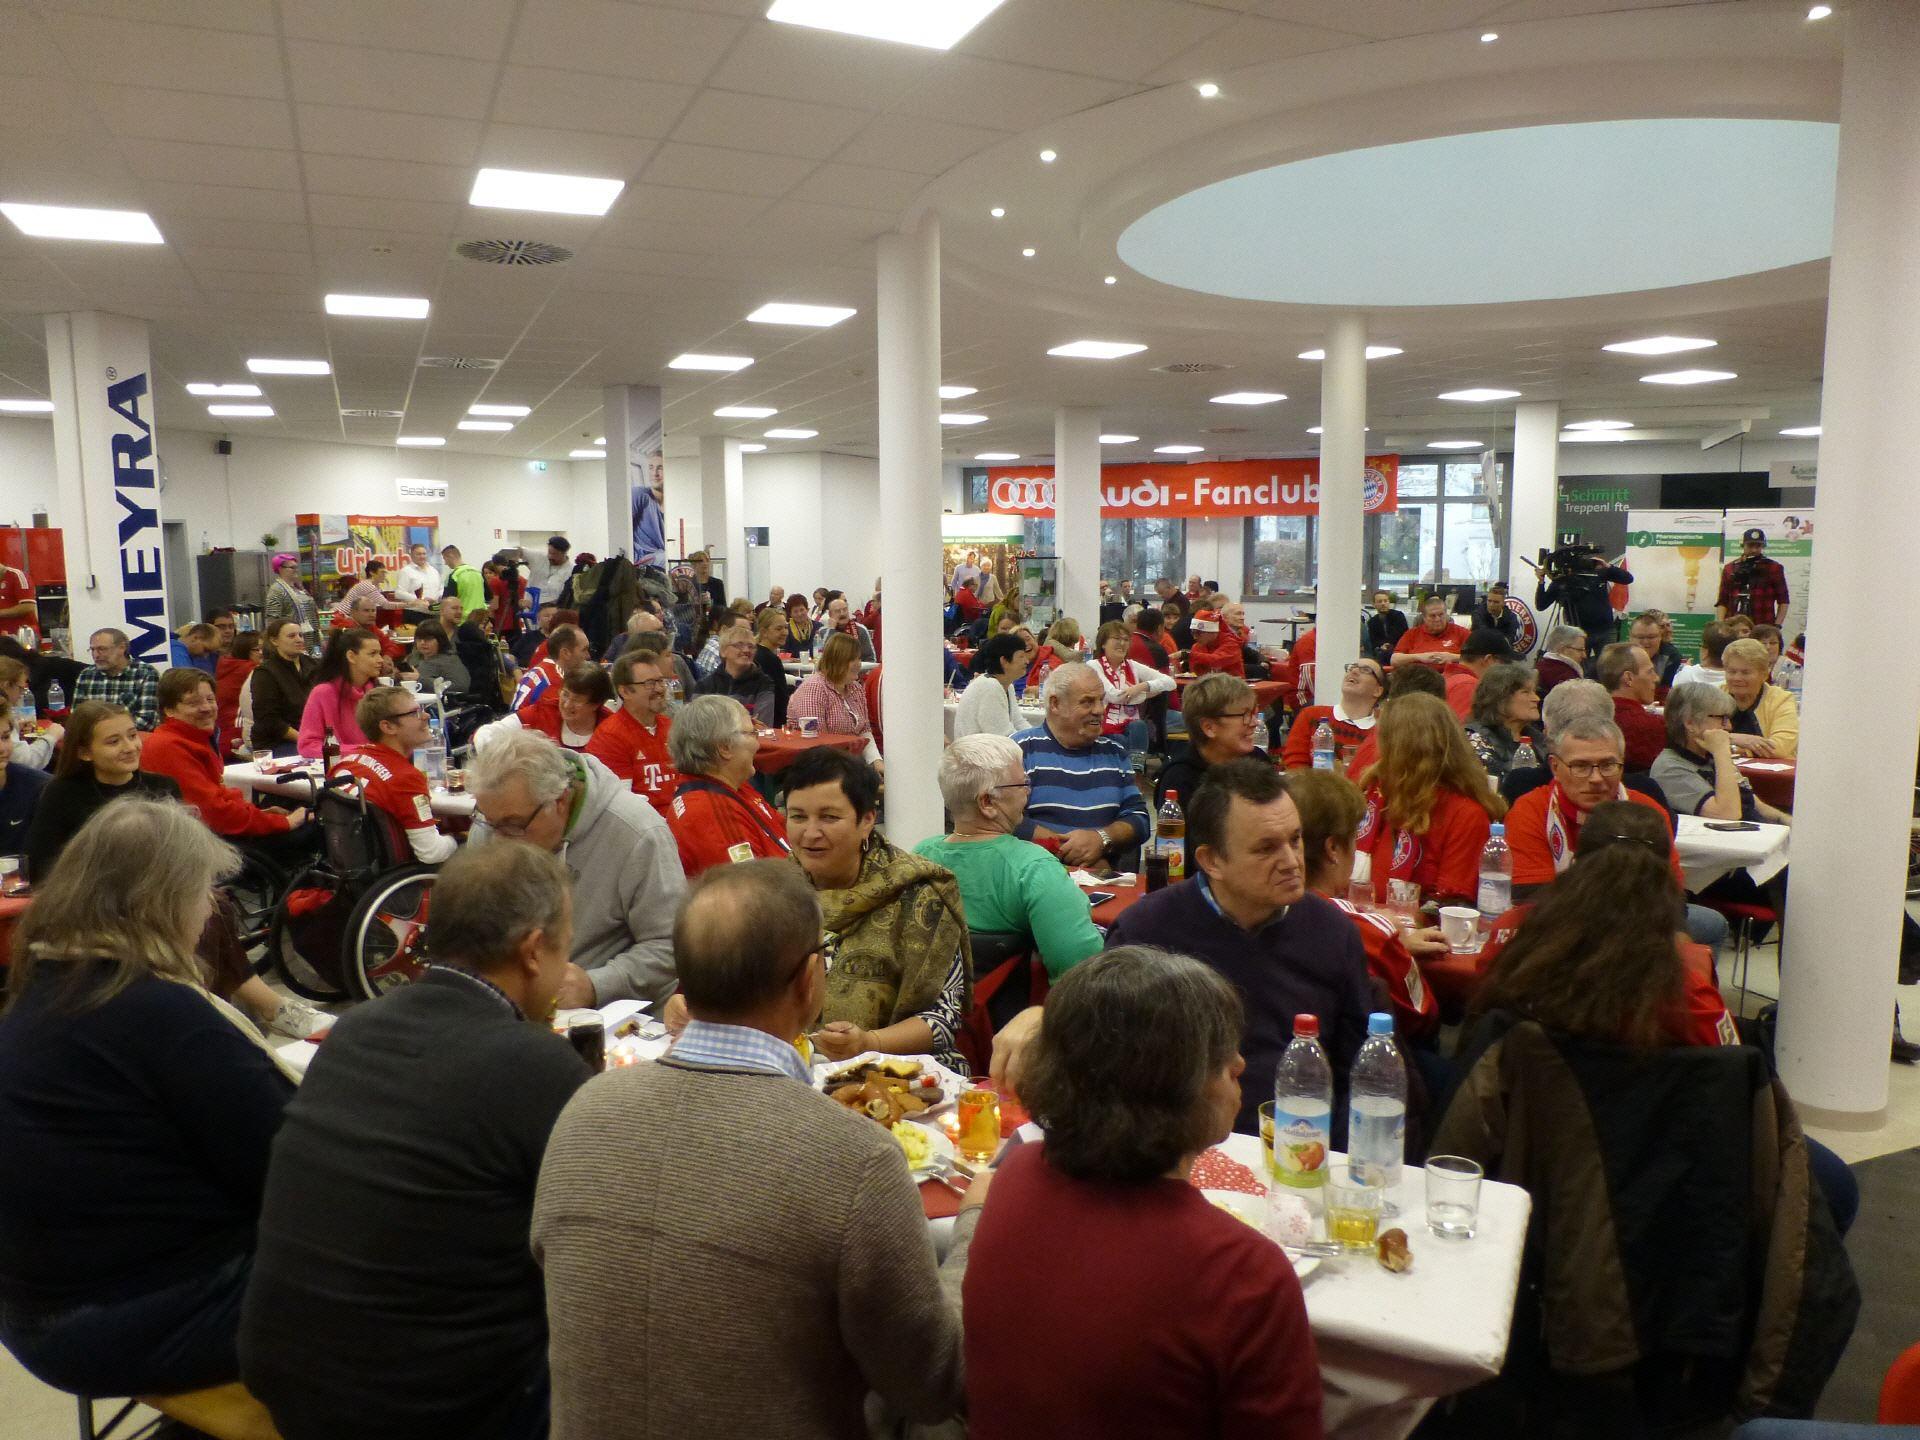 Saal-der-Weihnachtsfeier-mit-vielen-Gästen